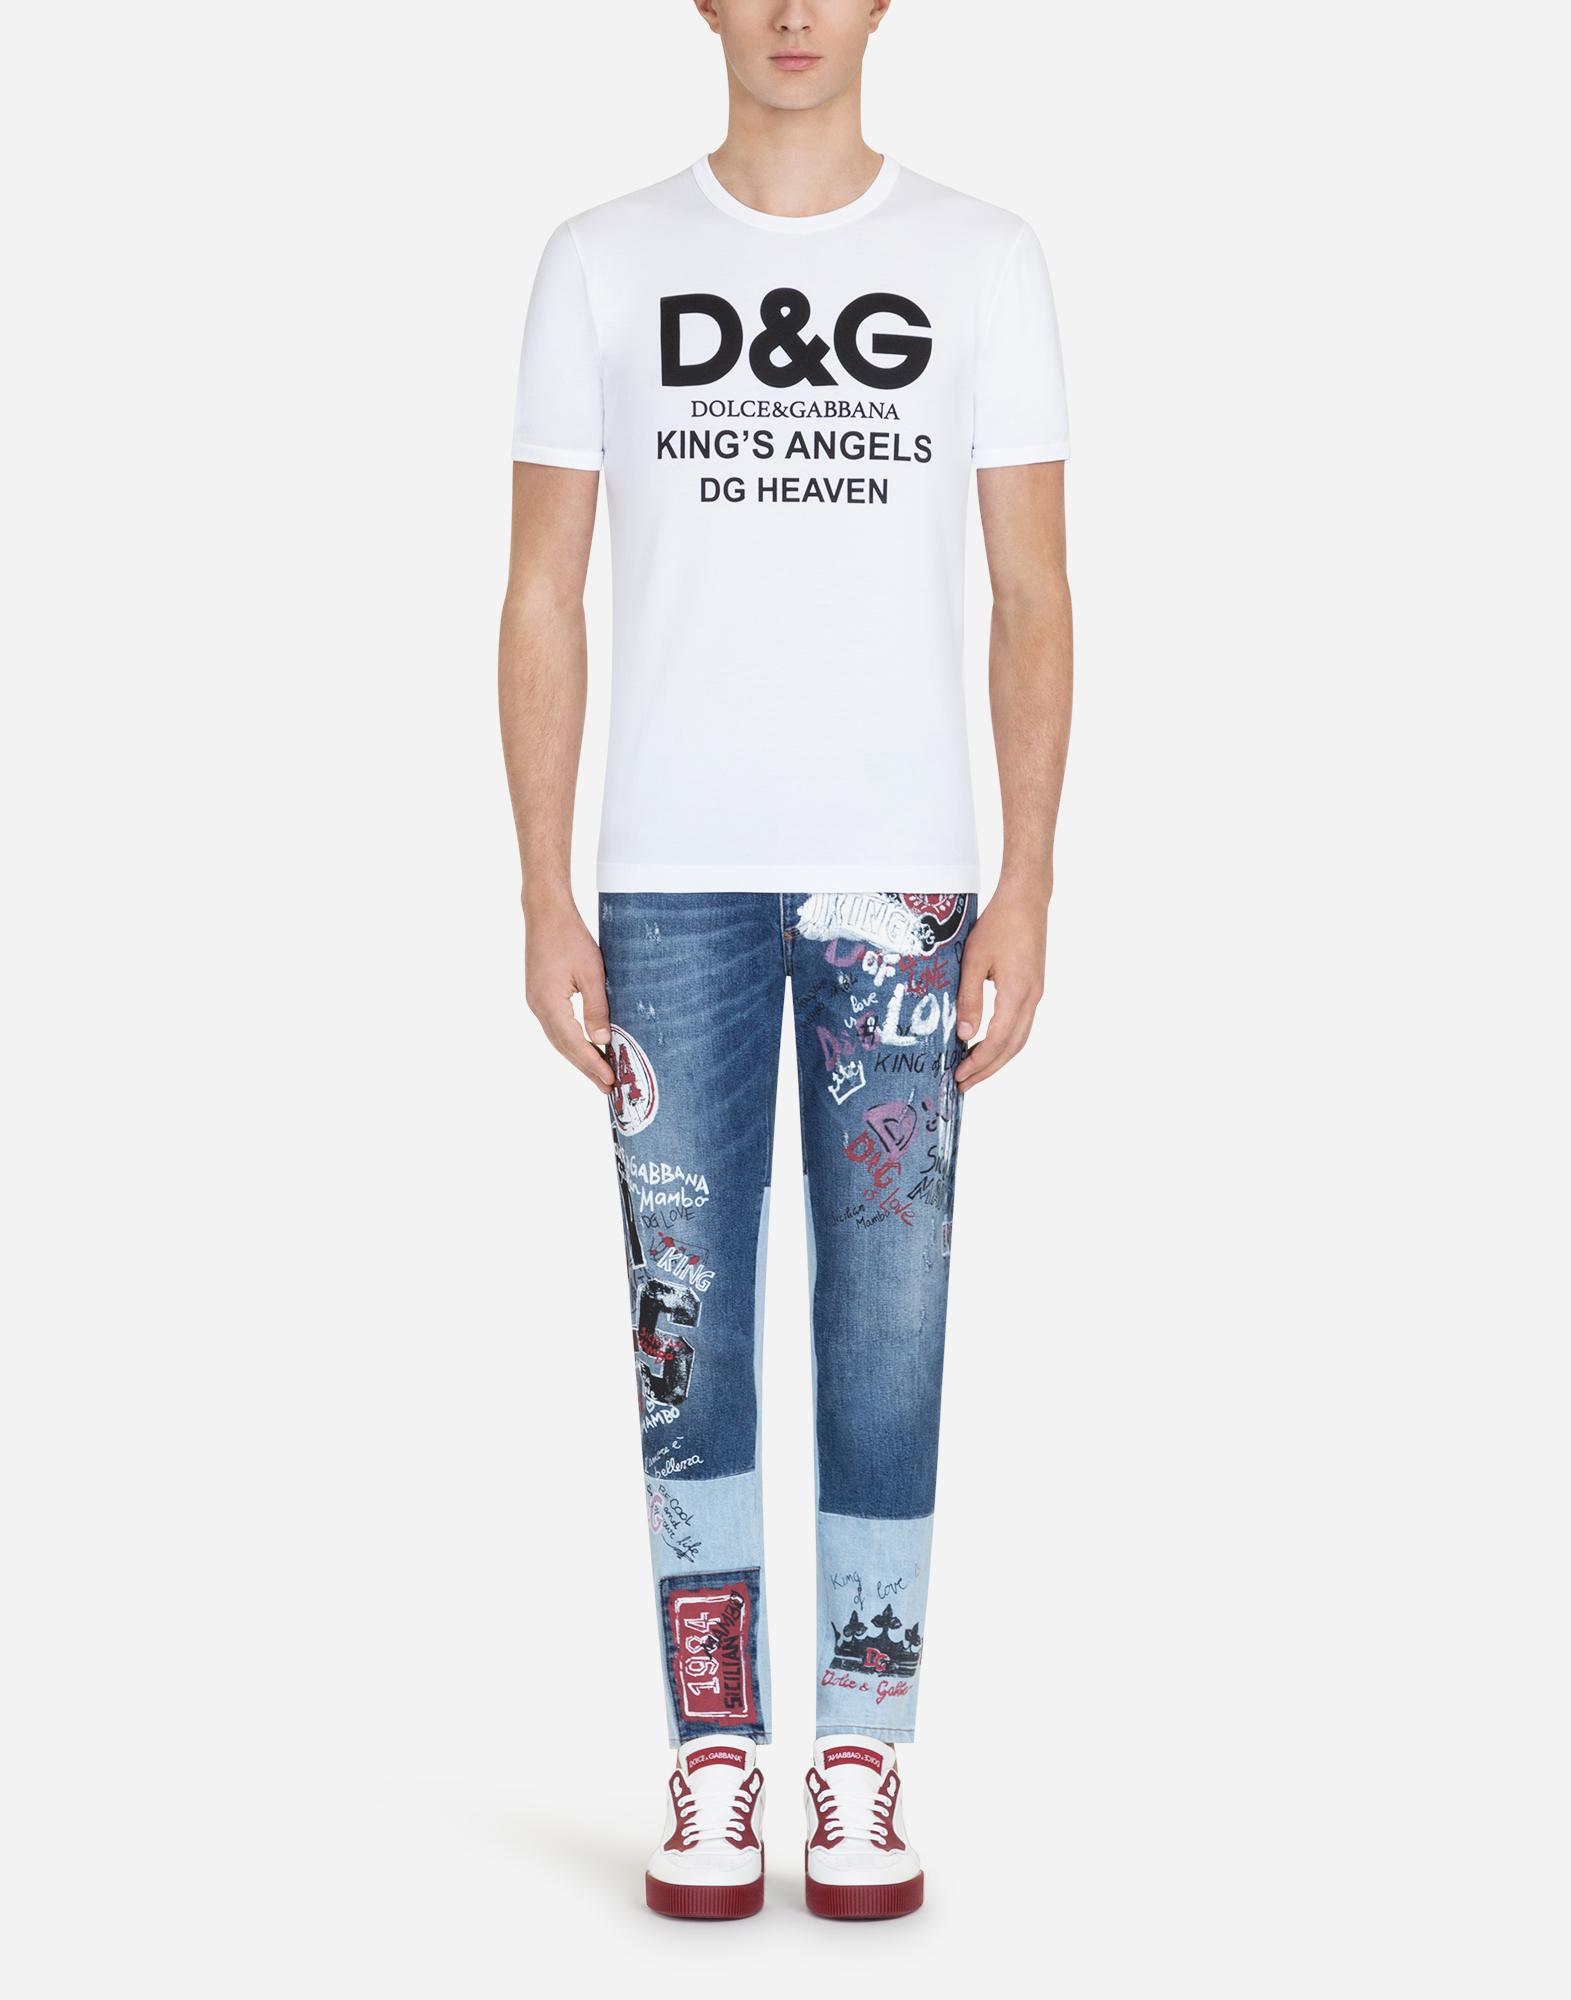 Dolce&Gabbana COTTON T-SHIRT WITH D&G PRINT